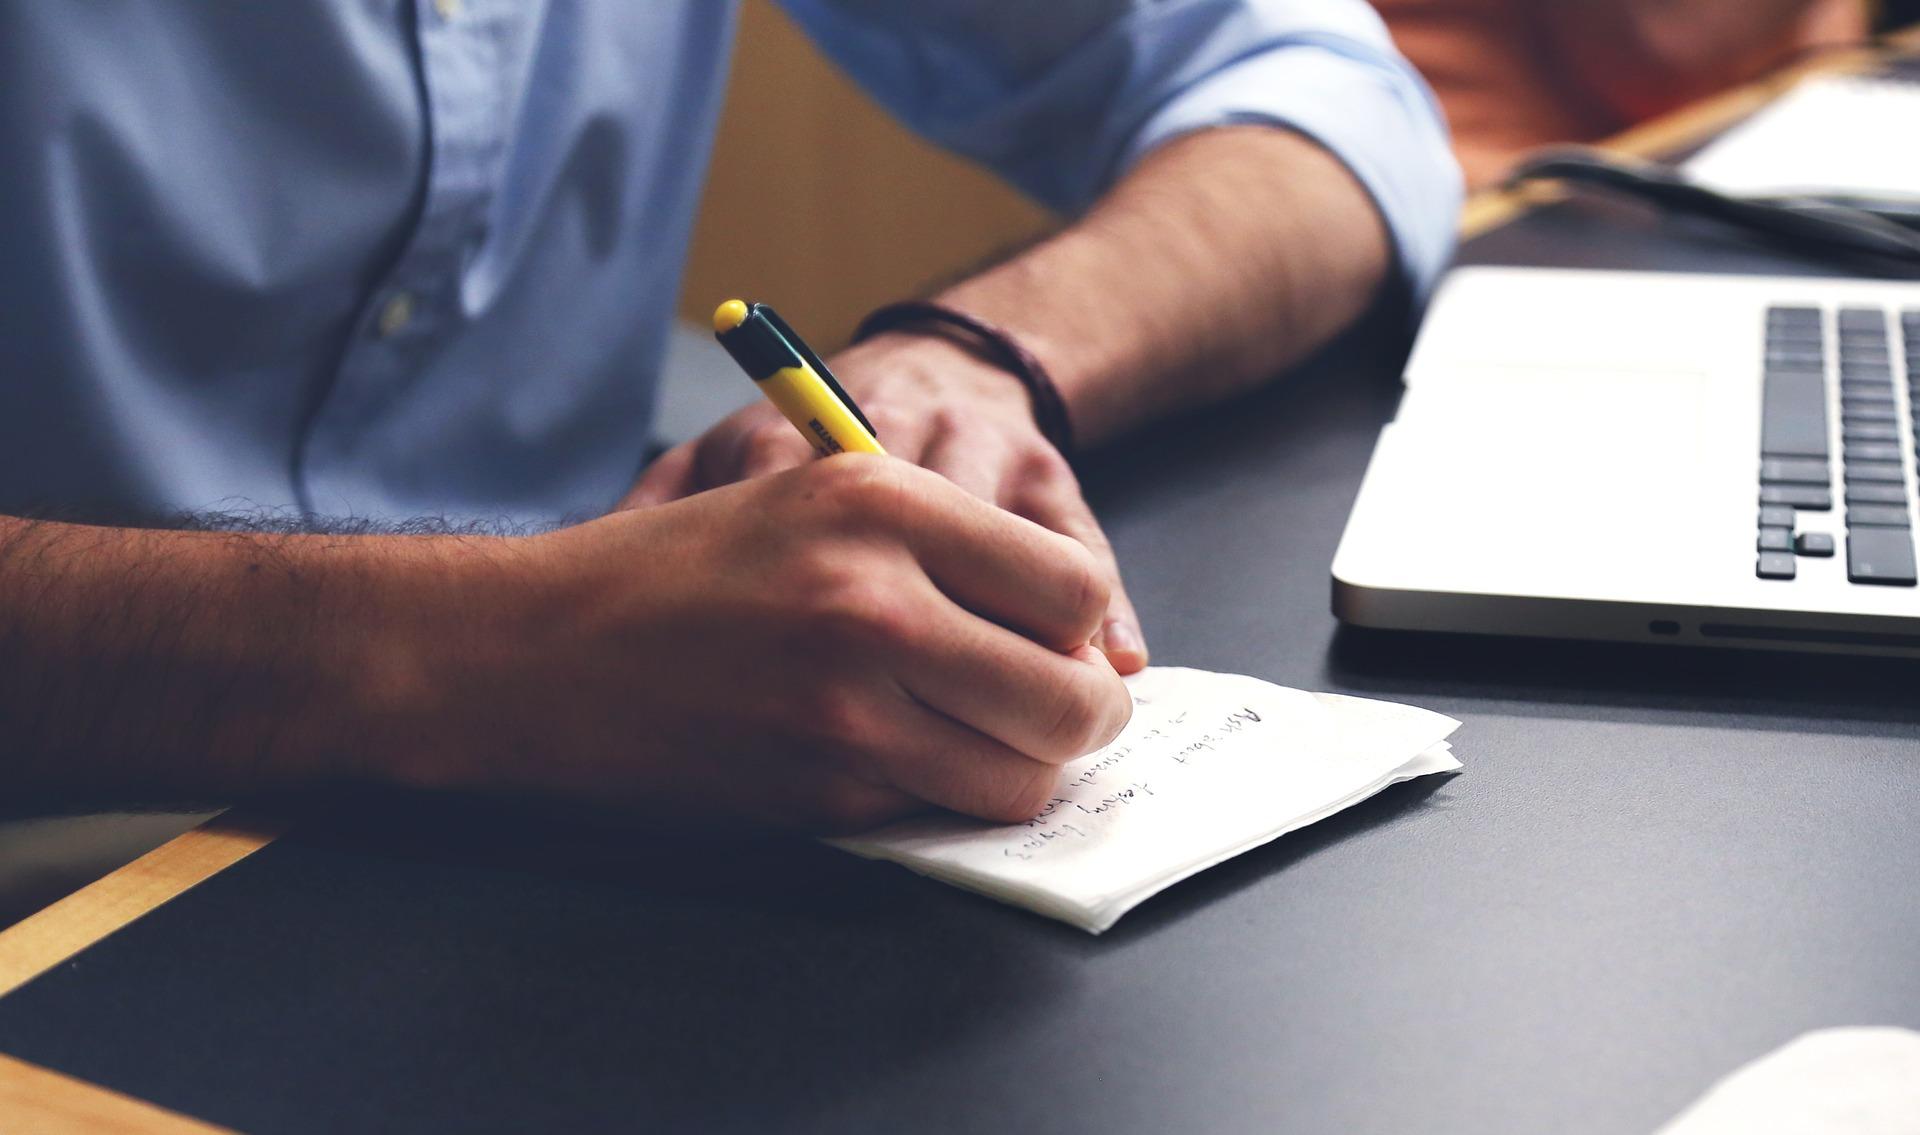 Il lavoro diventa 'agile': niente più ufficio, si lavora da casa o in spazi condivisi